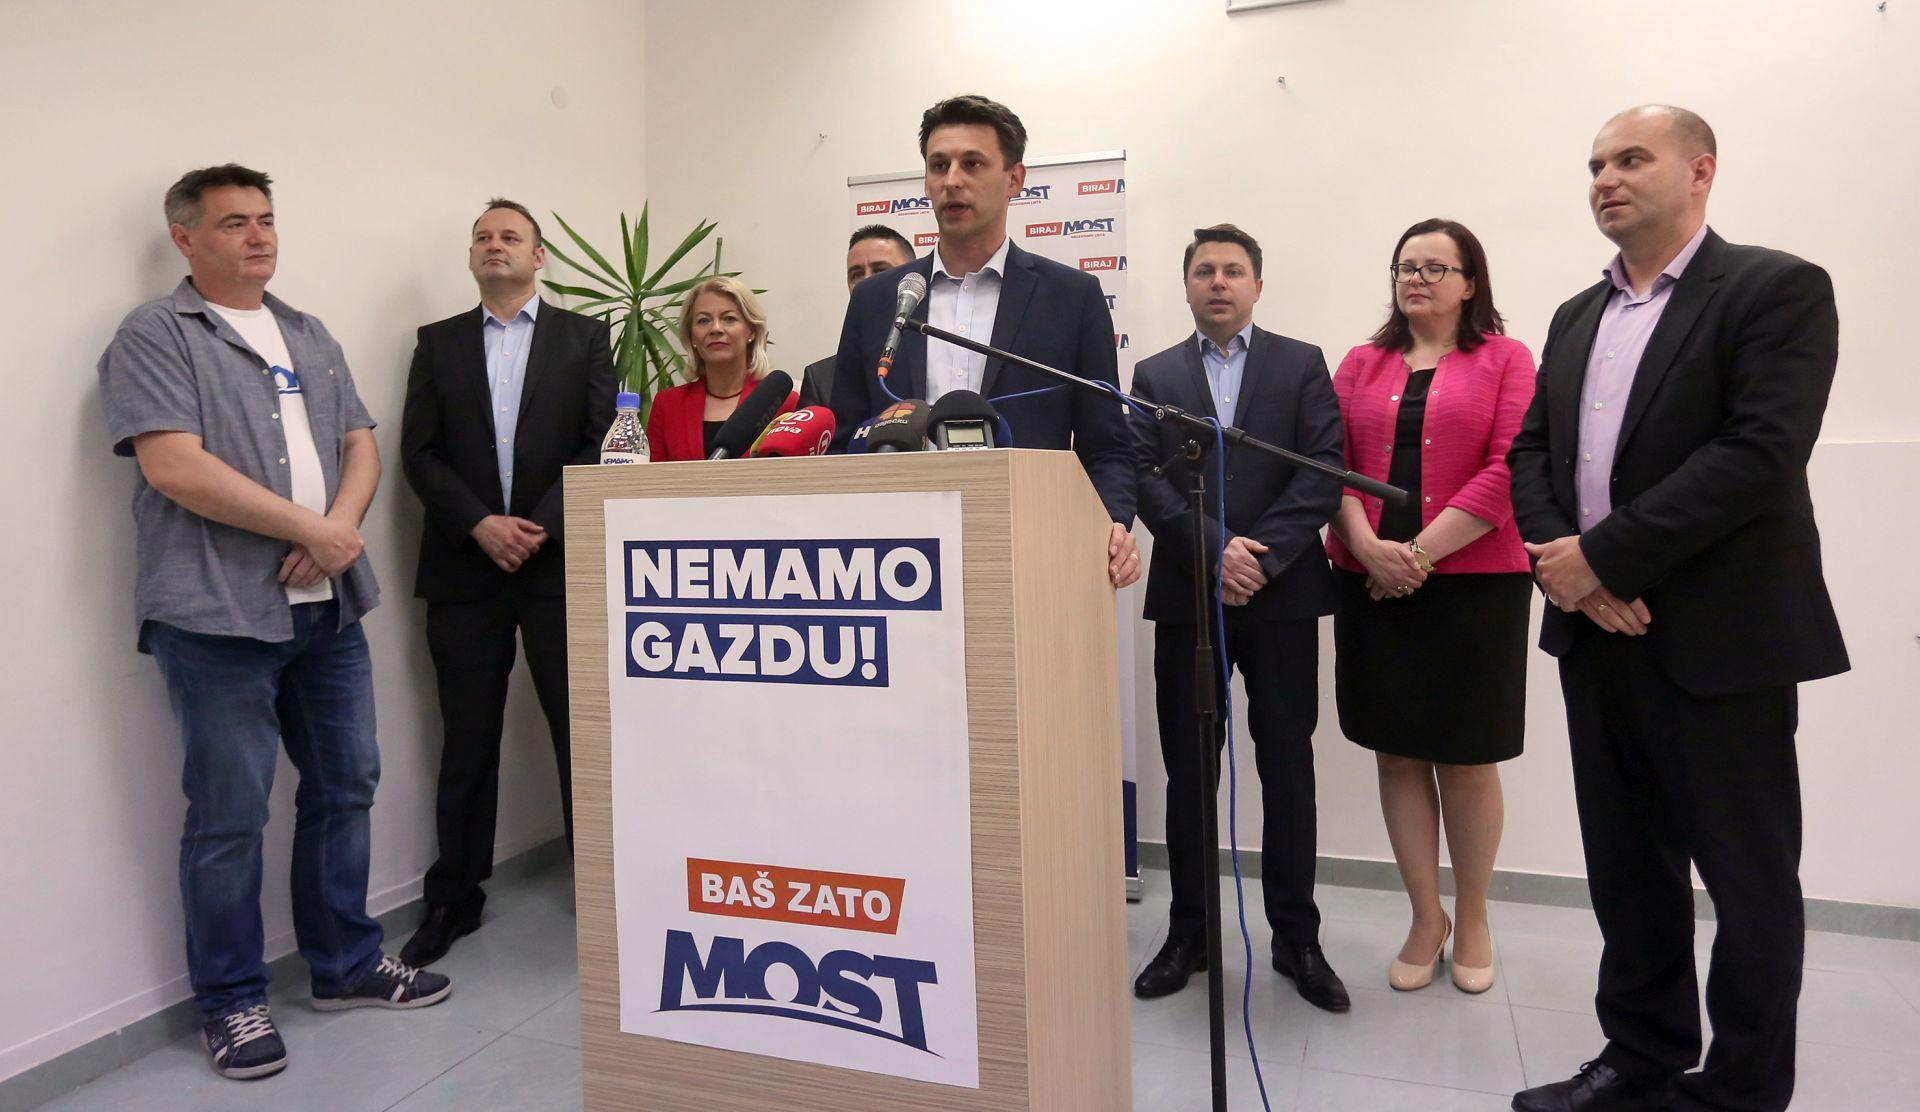 PETROV 'Hrvatskoj treba stabilna vlast, bez klijentelizma i korupcije'